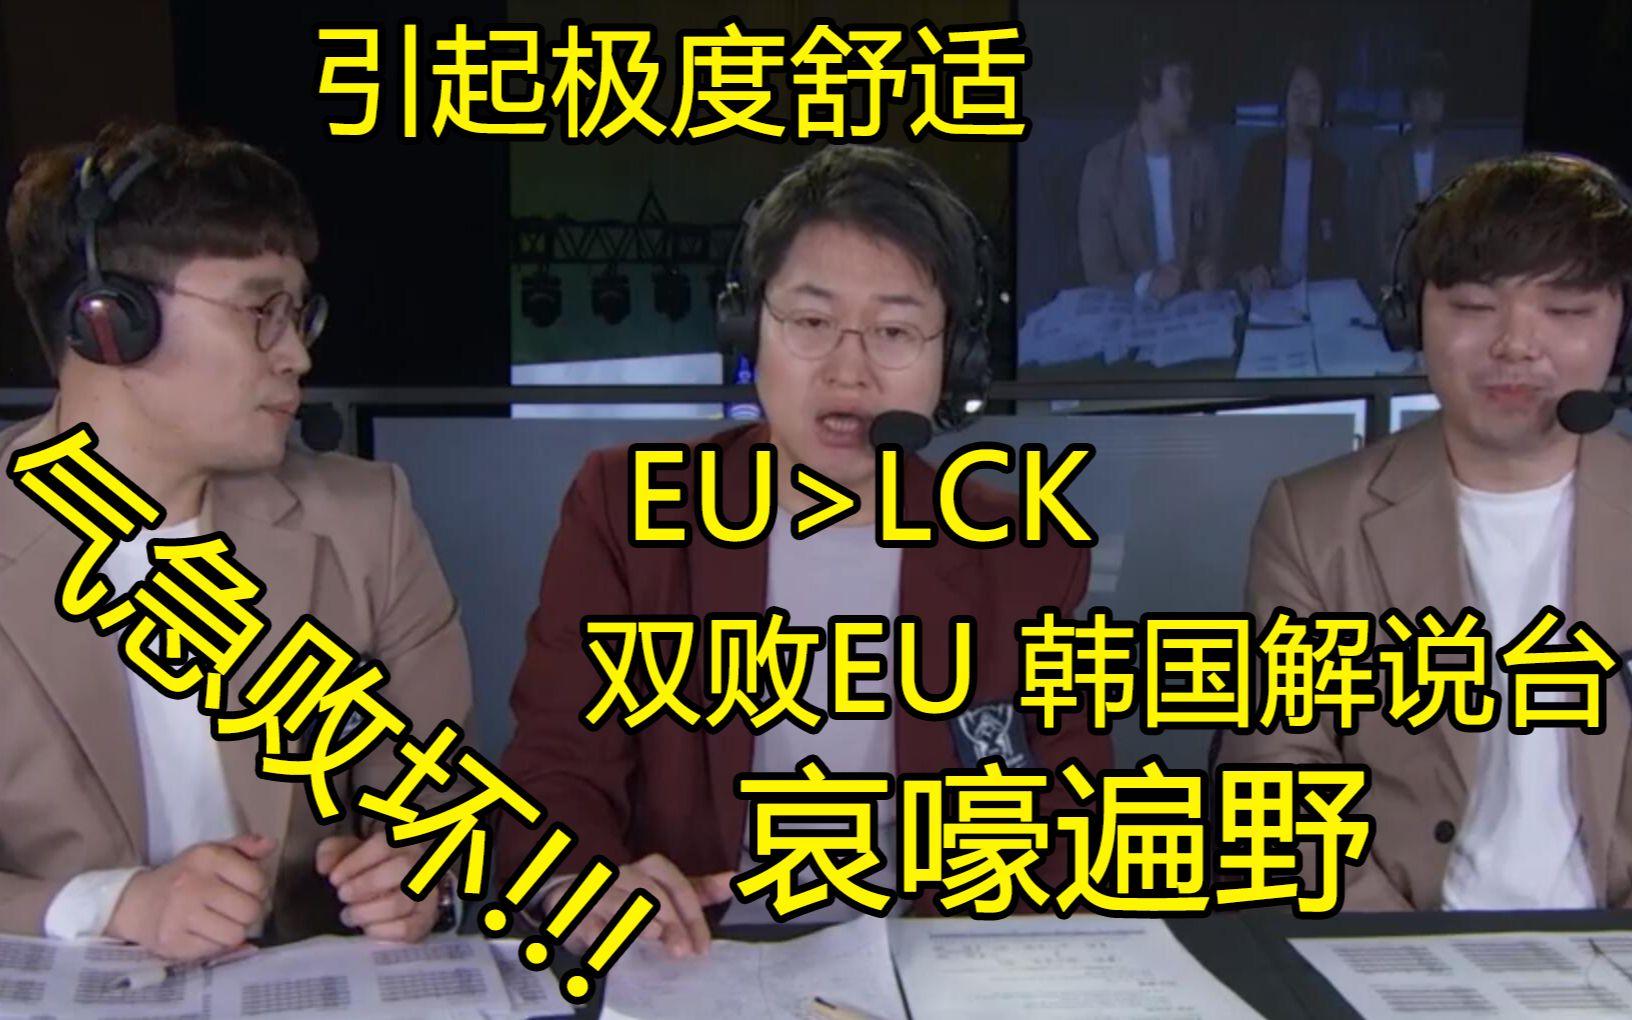 【极度舒适】双败EU!!韩国解说台大声喧哗!哀嚎遍野!!